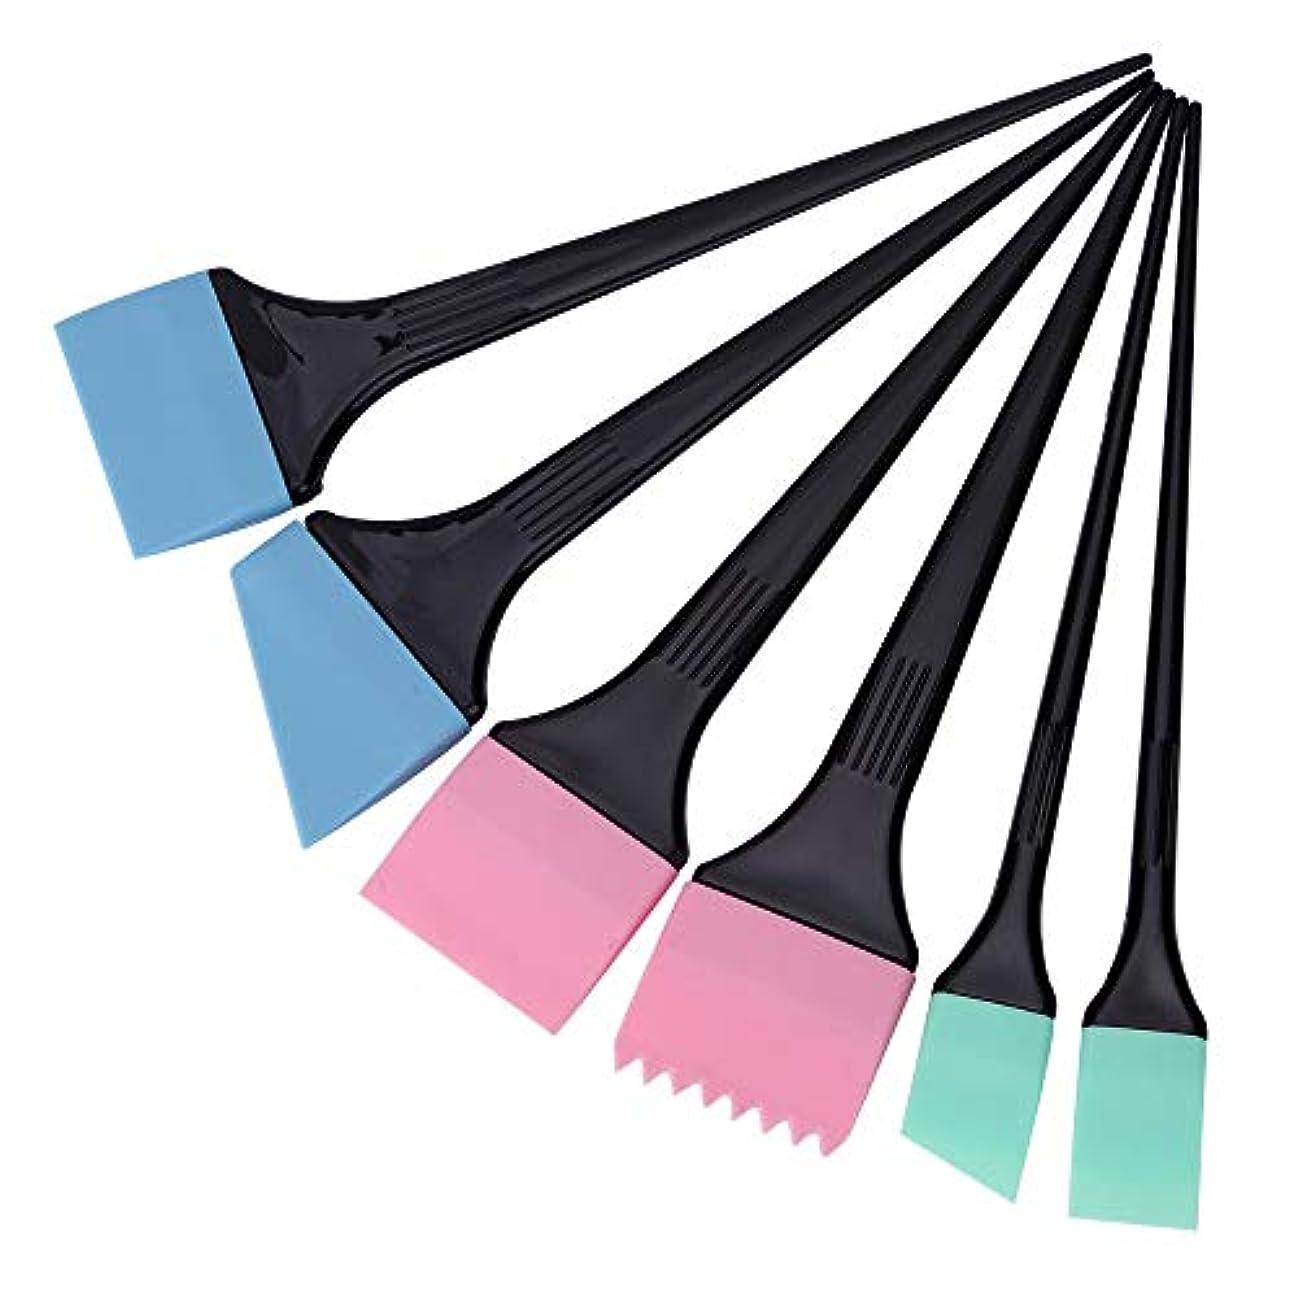 発行する増幅する霧深いヘアダイコーム&ブラシ 毛染めブラシ 6本/セット 着色櫛キット プロサロン 理髪スタイリングツール へアカラーセット グリーン